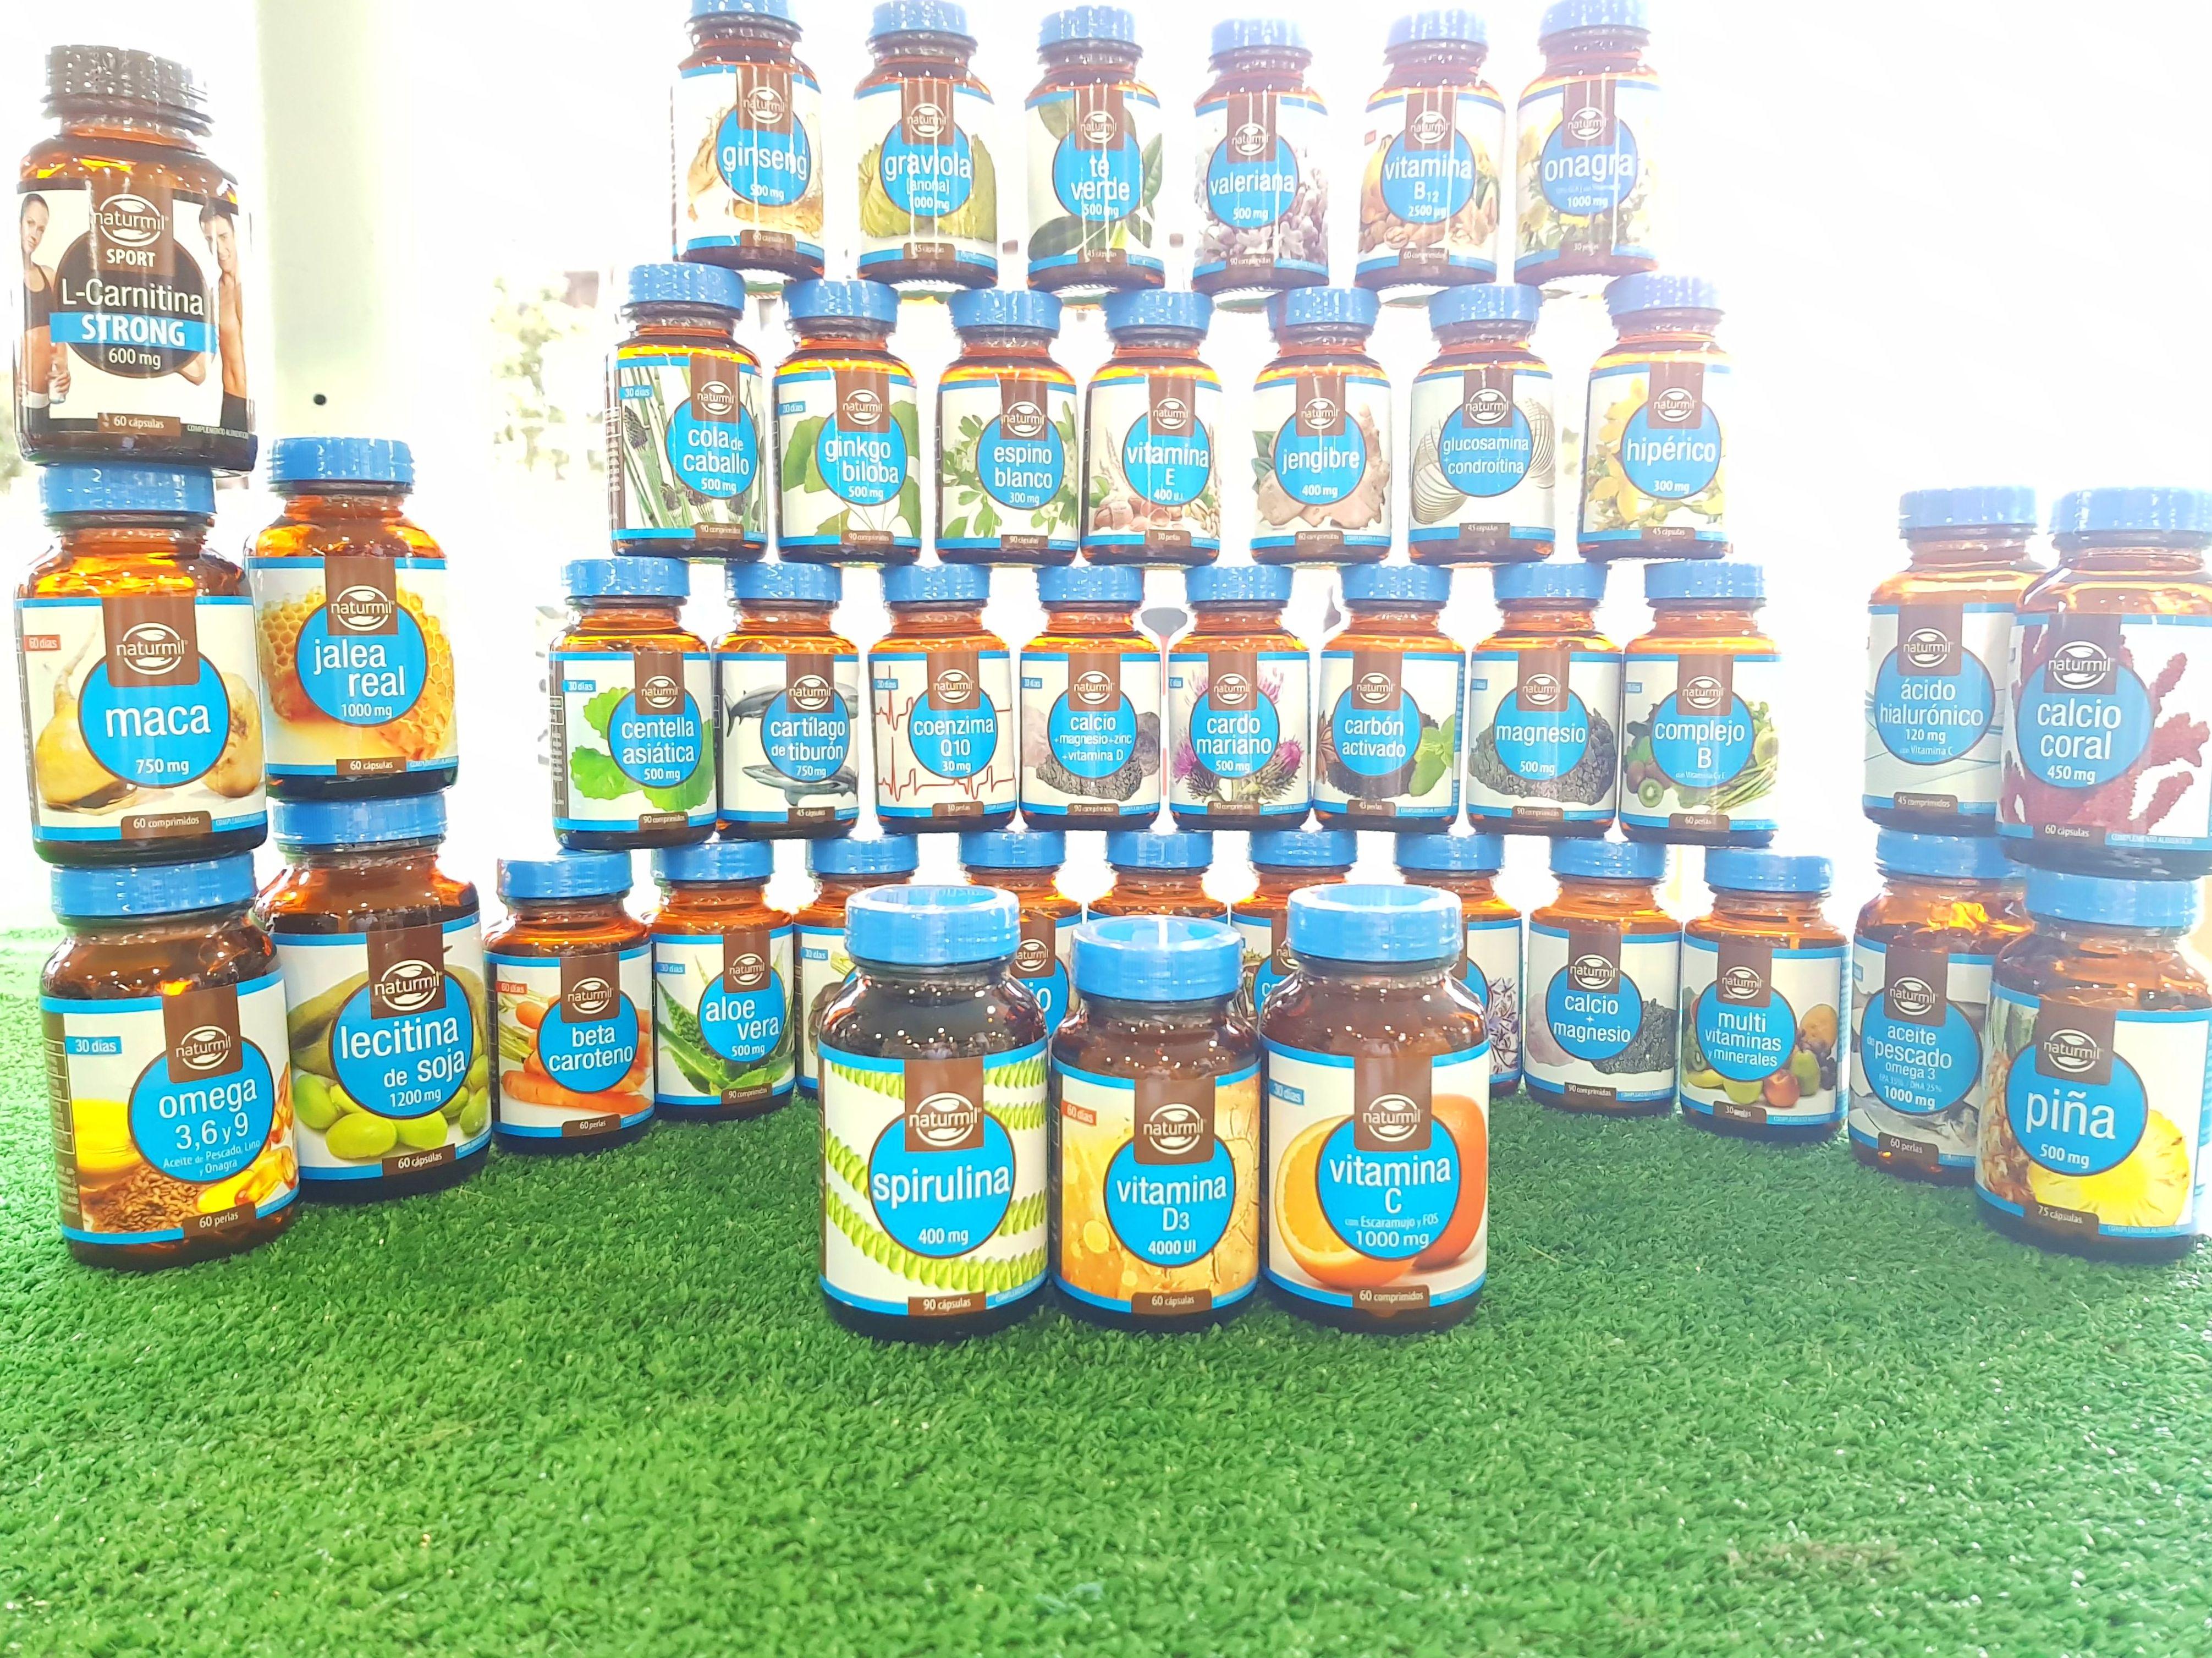 Gran variedad de Vitaminas